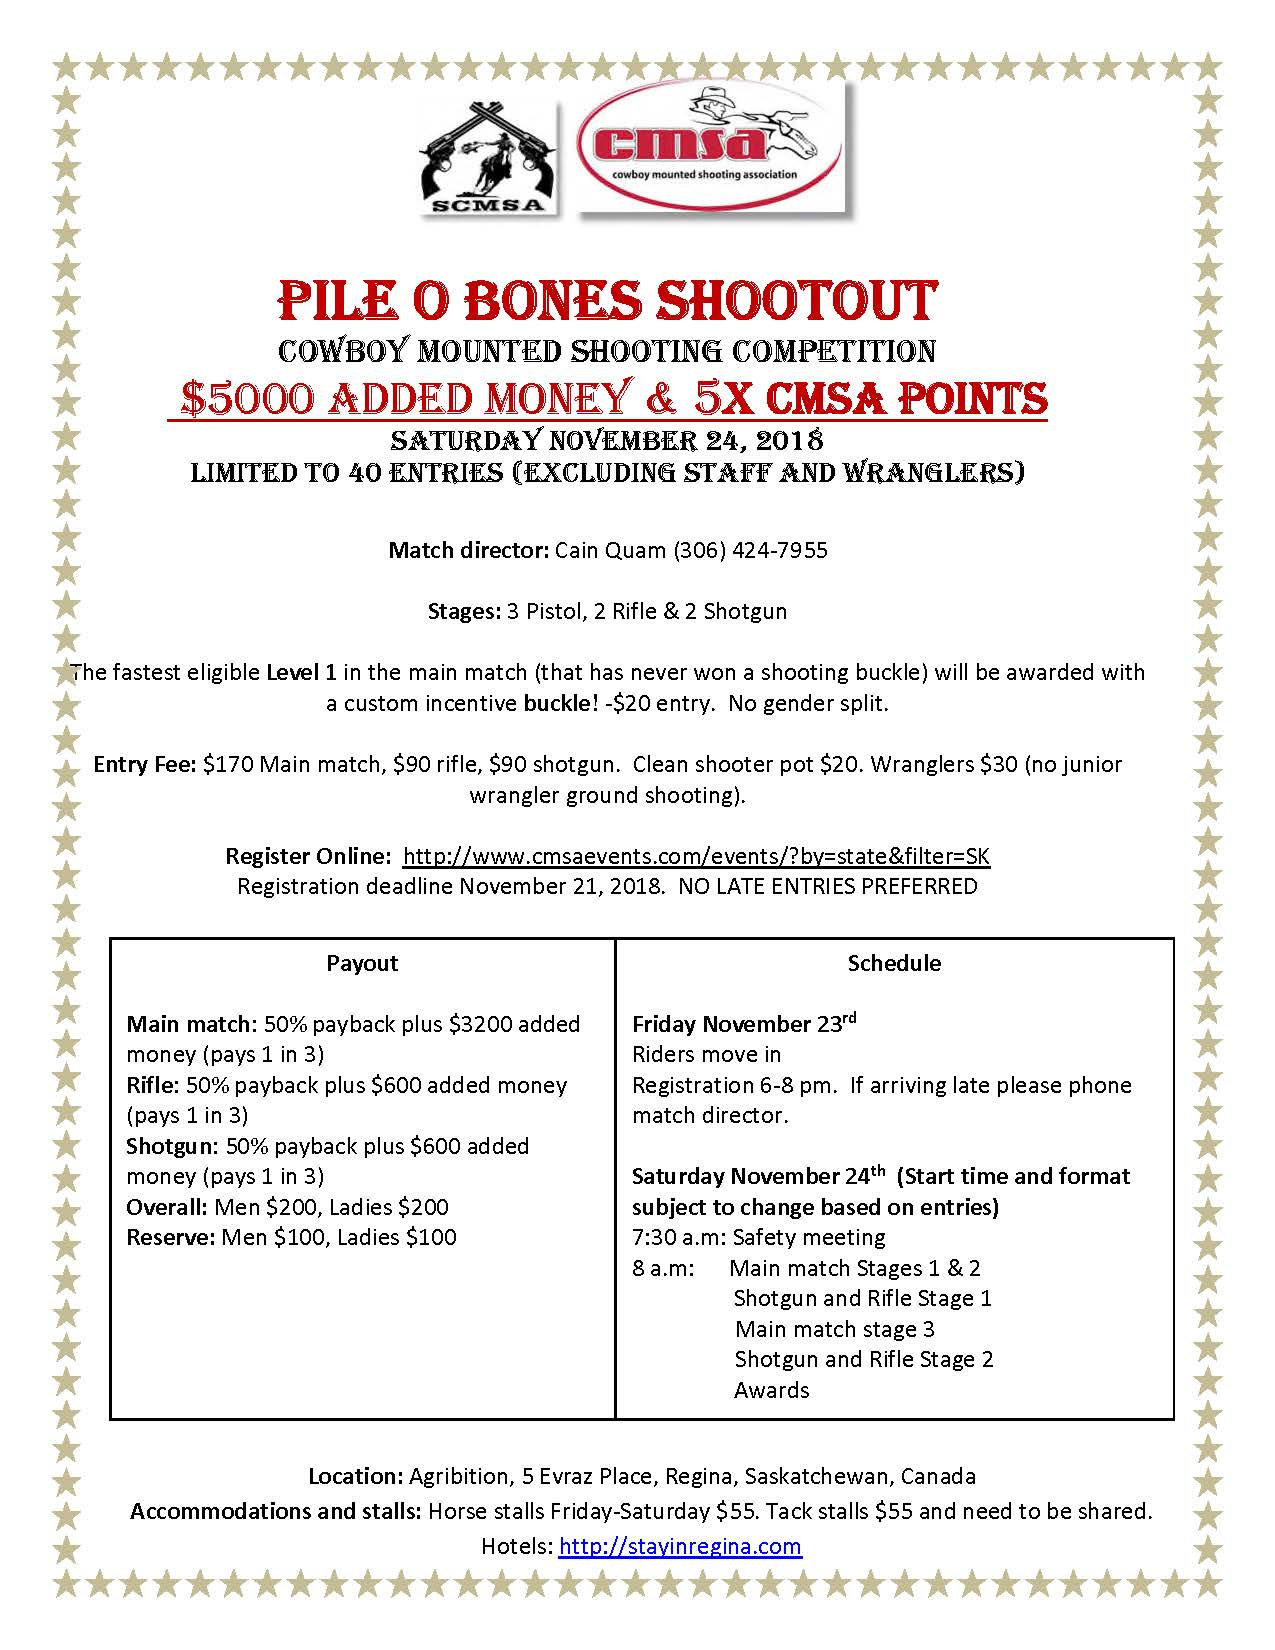 Pile O Bones Shootout